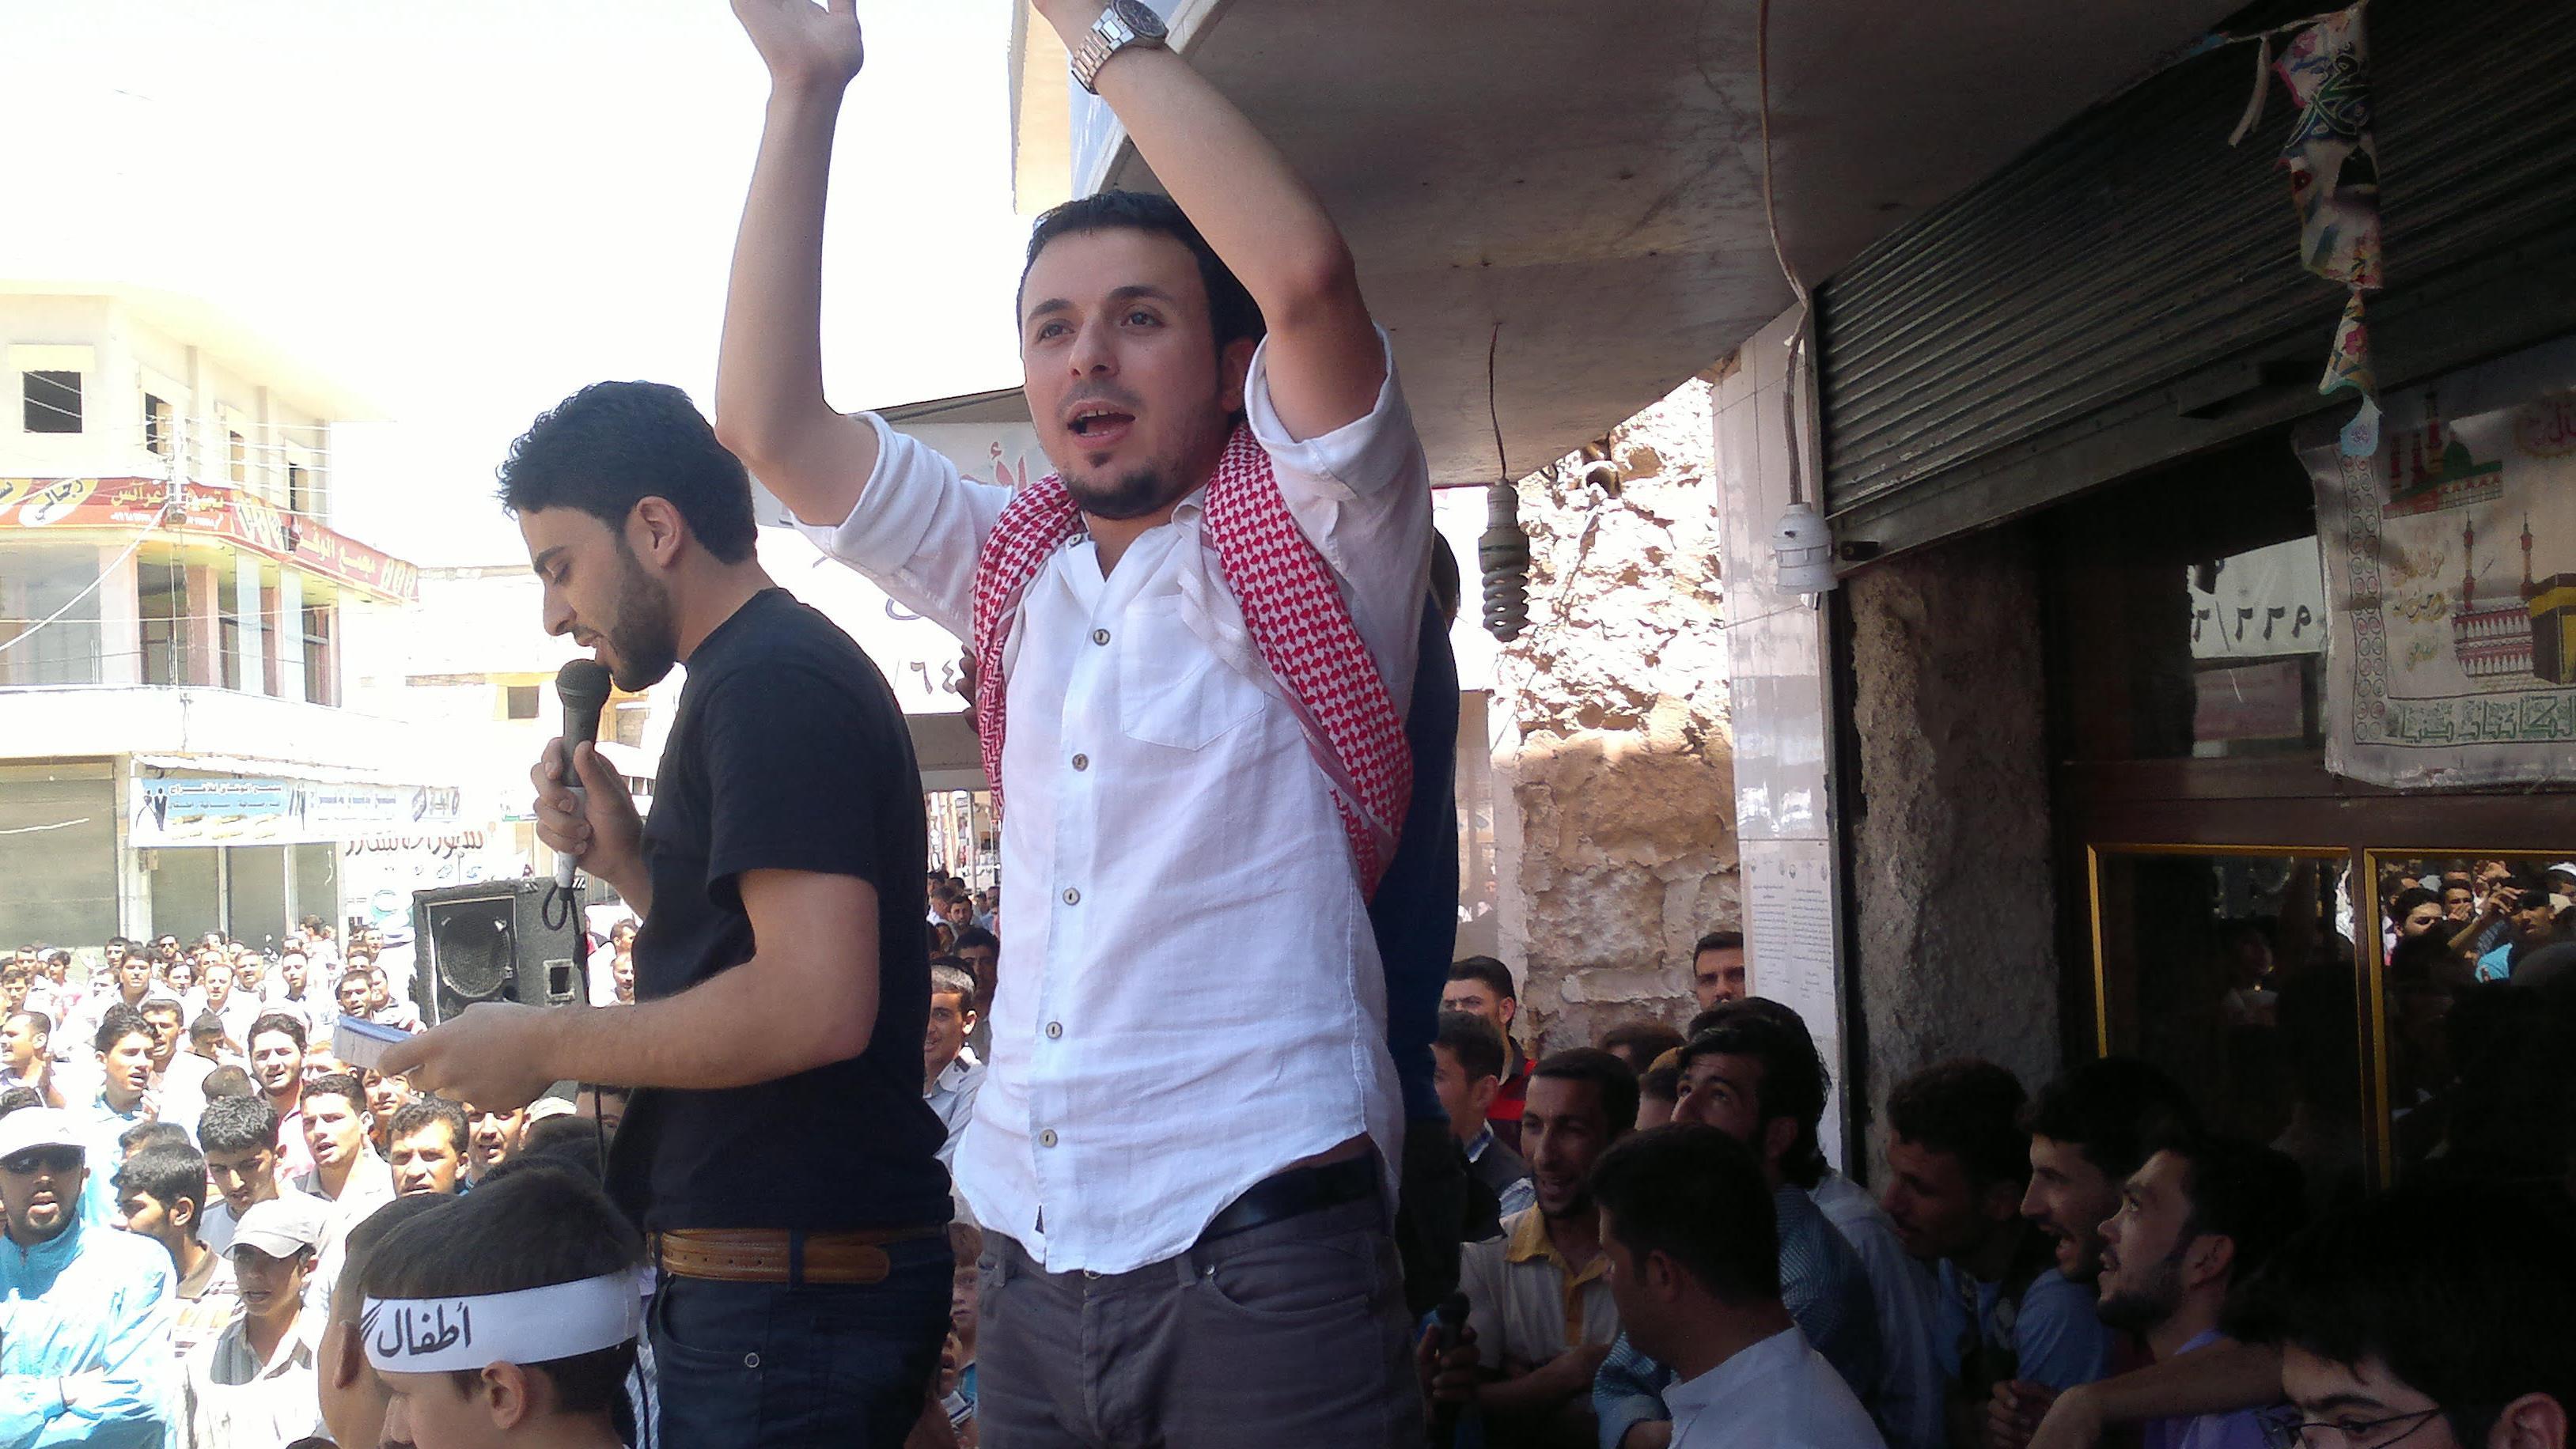 Abdelmajeed Barakat lors d'une manifestation contre le régime syrien